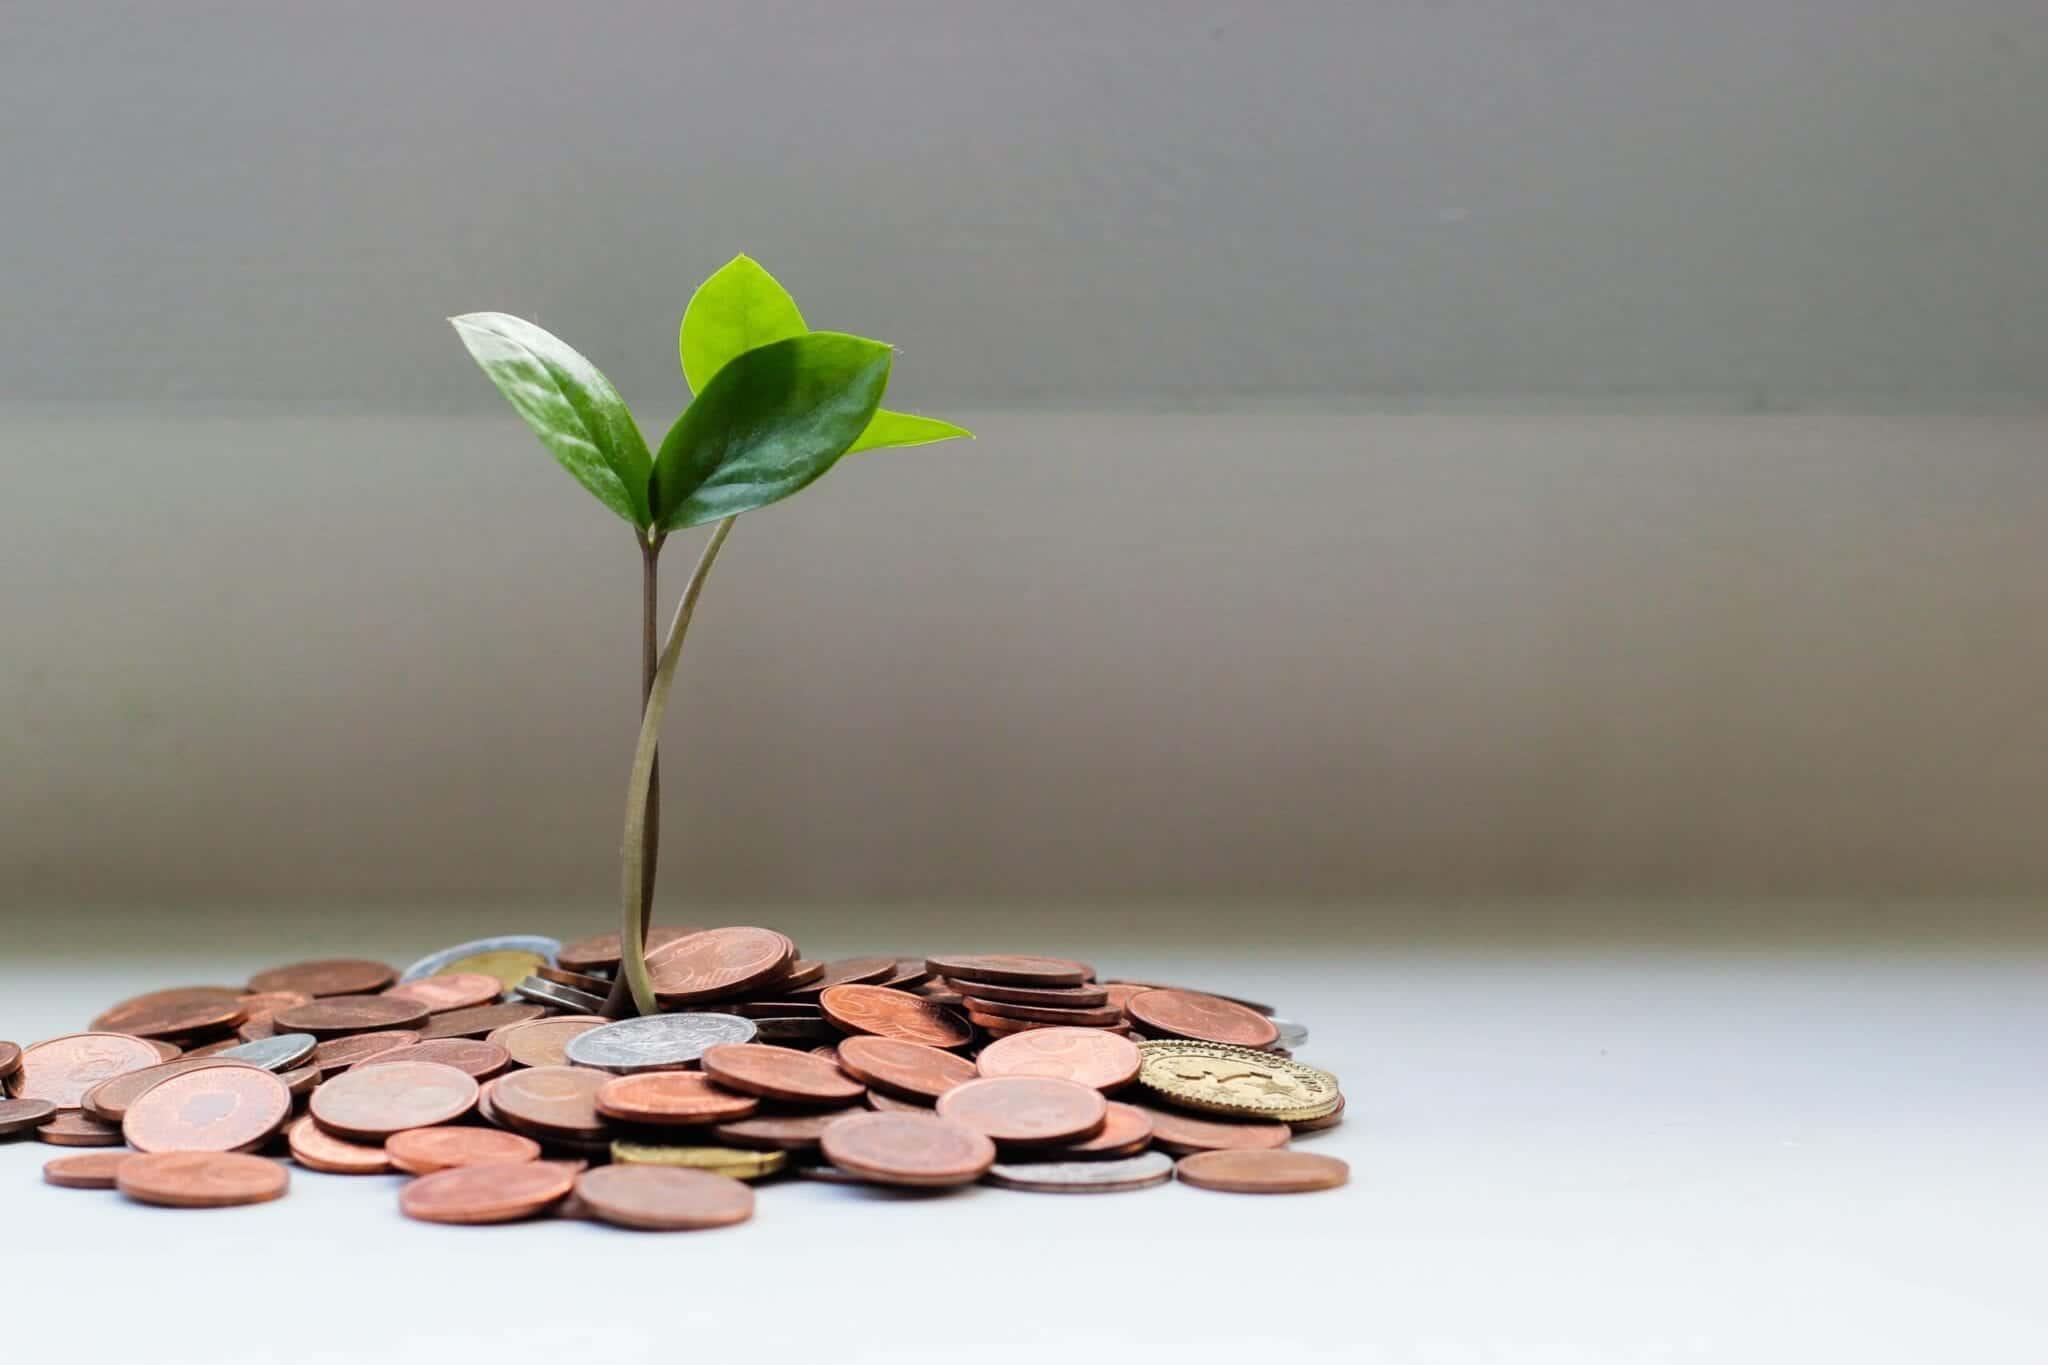 """Toen ik 5 jaar geleden voor het eerst hoorde over money mindset, was mijn reactie """"wat een onzin, ik haat al dat zweverige gedoe!"""" Dat laatste klopt nog steeds, want ik ben vrij nuchter, maar ik heb sindsdien zelf gemerkt wat een goede money mindset voor je kan betekenen. Je mindset heeft namelijk véél meer invloed op je financiën dan je in eerste instantie denkt! In deze blog leg ik uit wat money mindset nou eigenlijk is, waarom het nuttig is om die van jou te verbeteren en geef ik je een paar praktische tips om daar vandaag al mee te beginnen! Aan je mindset werken is in de afgelopen jaren gelukkig redelijk normaal geworden, dus waarom zou je dan niet ook aan je money mindset werken?"""